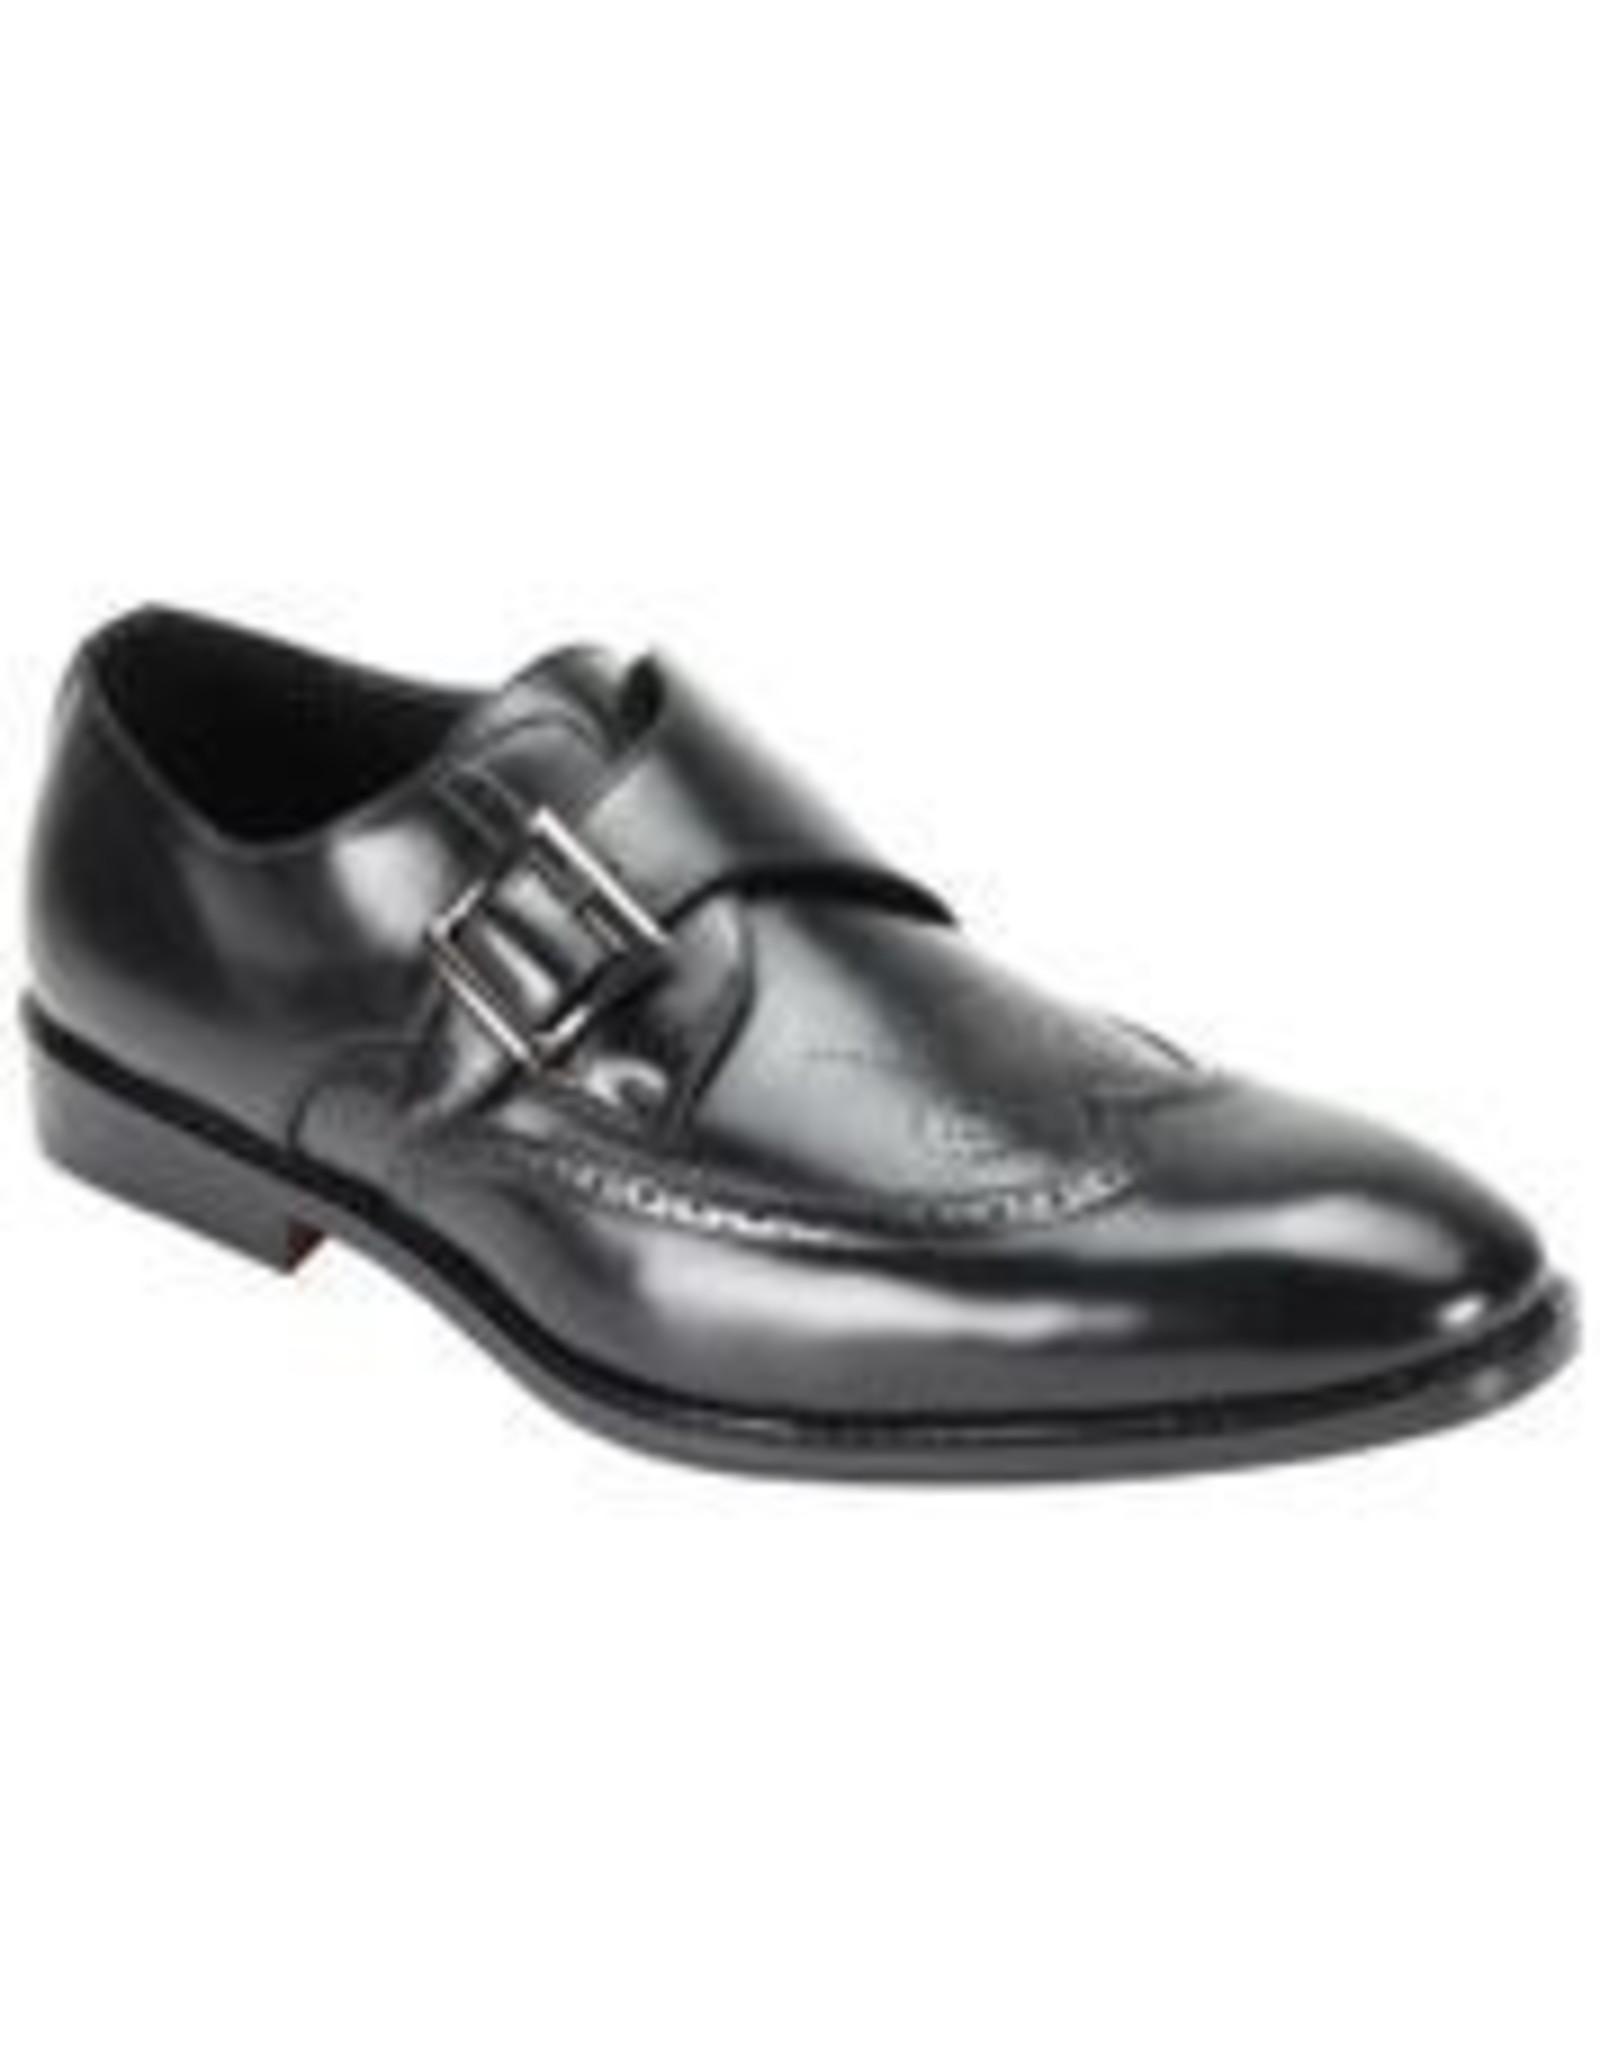 Antonio Cerrelli Antonio Cerrelli 6837 Dress Shoe - Black